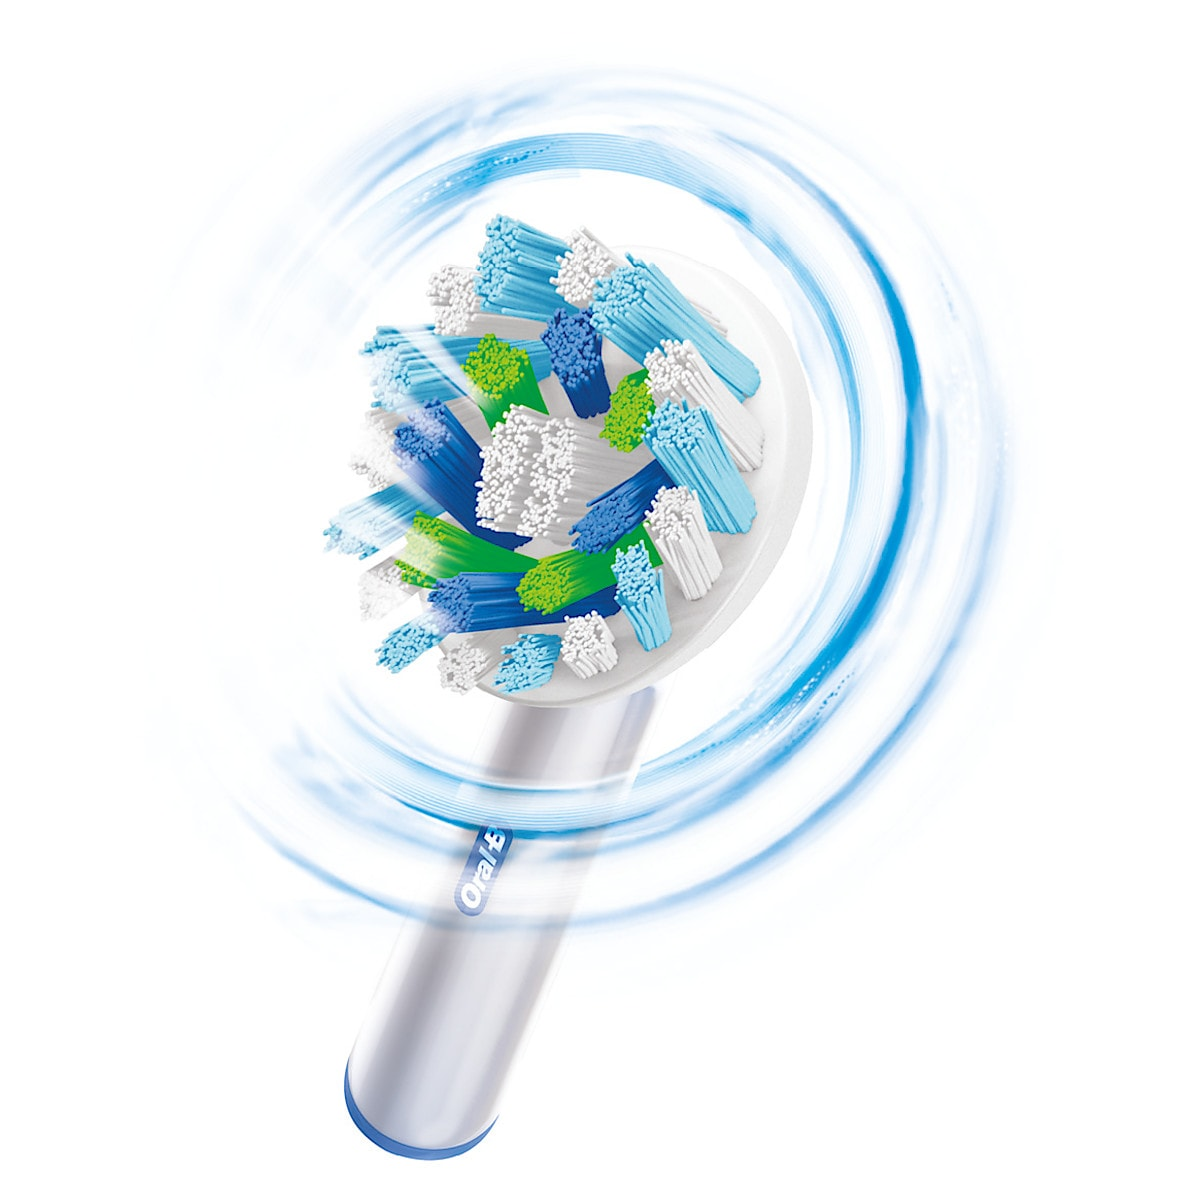 Sähköhammasharja Oral-B PRO 690 Cross Action Double Body